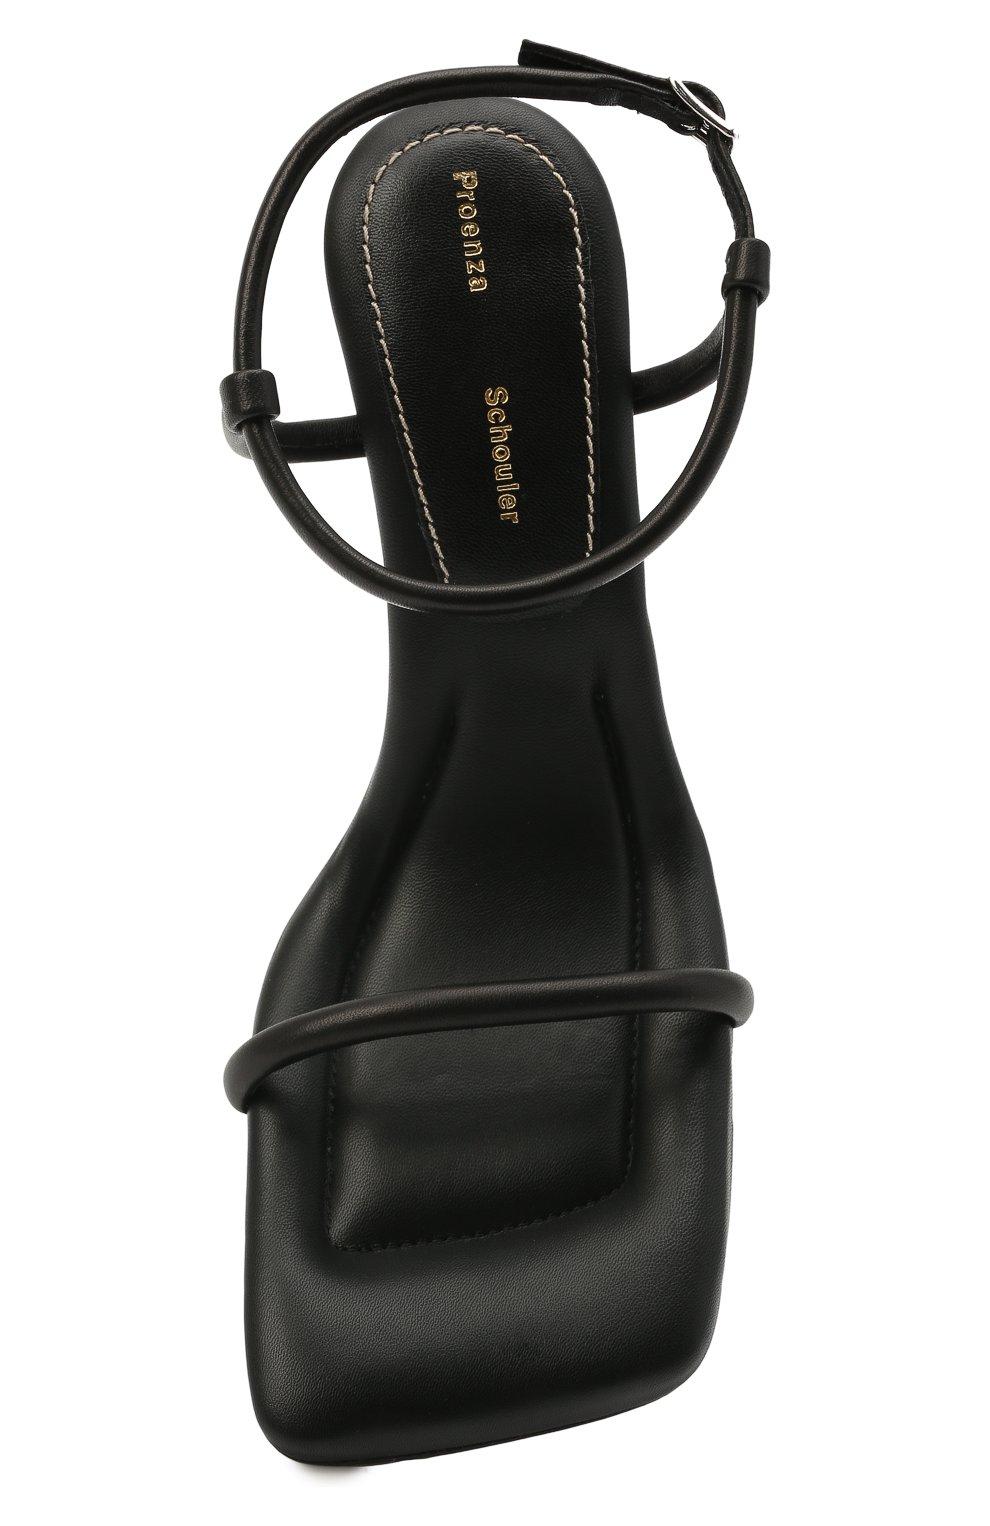 Женские кожаные босоножки PROENZA SCHOULER черного цвета, арт. PS36021A/13001 | Фото 5 (Подошва: Платформа; Каблук высота: Высокий; Материал внутренний: Натуральная кожа; Каблук тип: Шпилька)